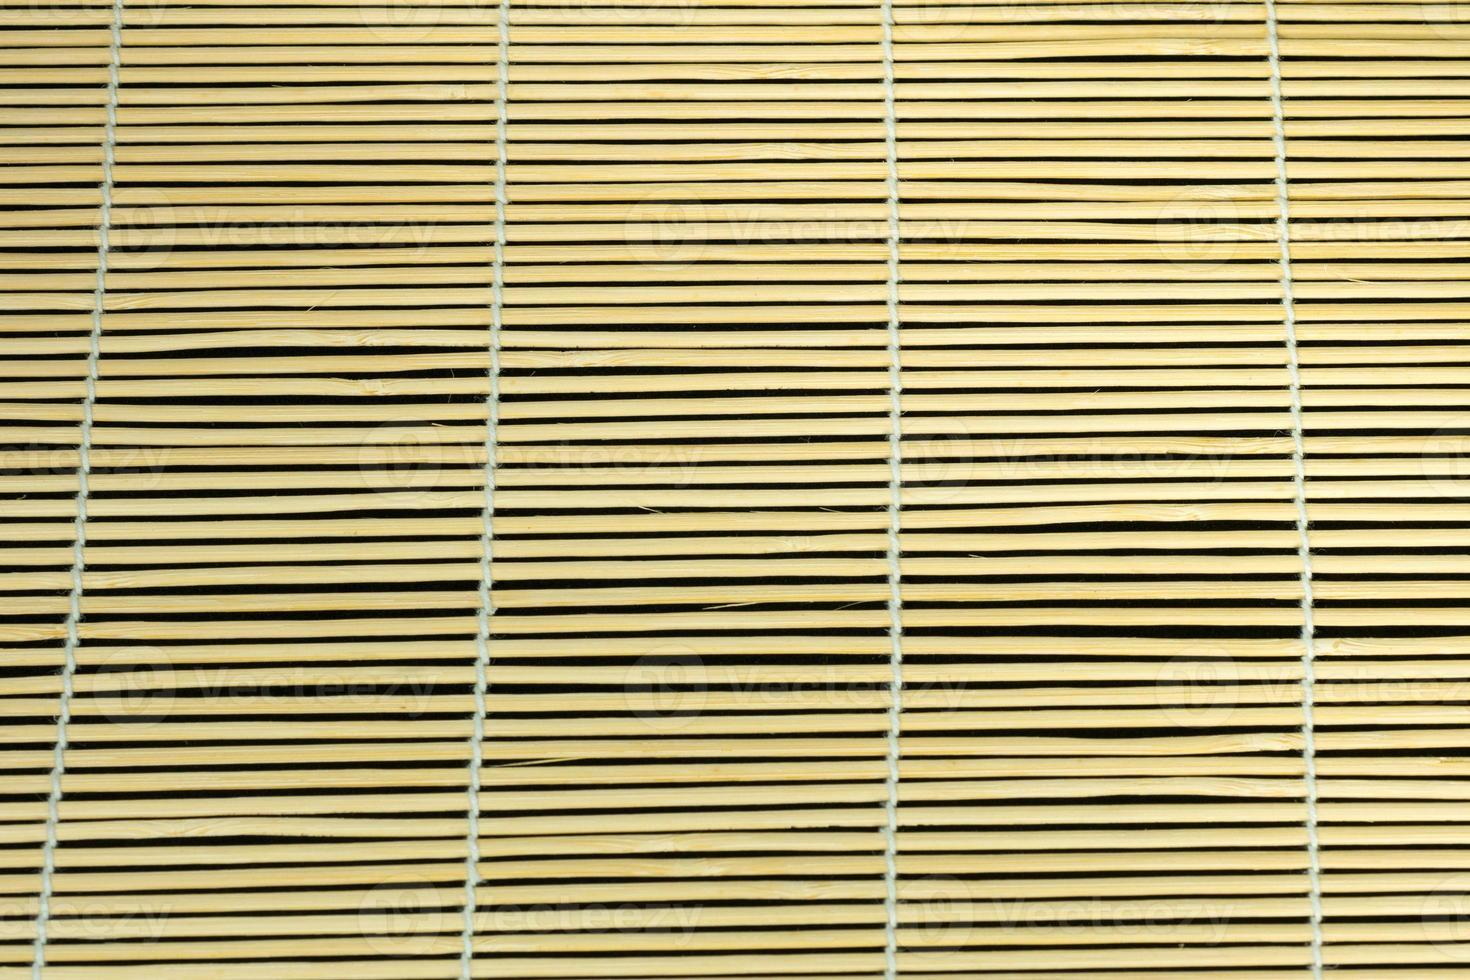 Bamboo curtain. photo